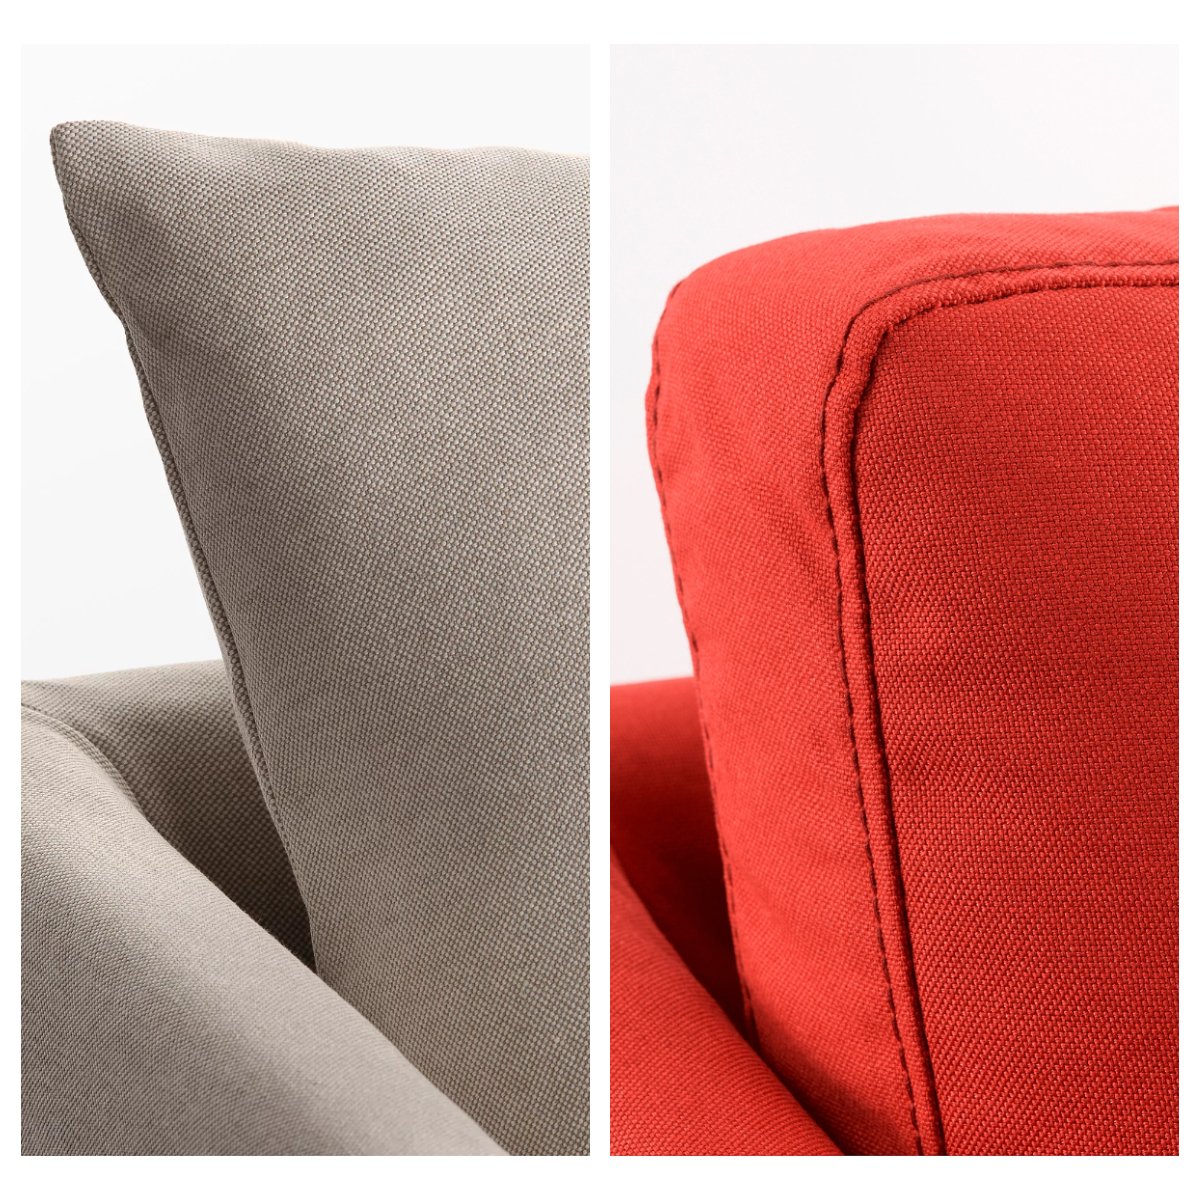 Coussins aux canapé IKEA Sandbacken et canapé IKEA Brathult